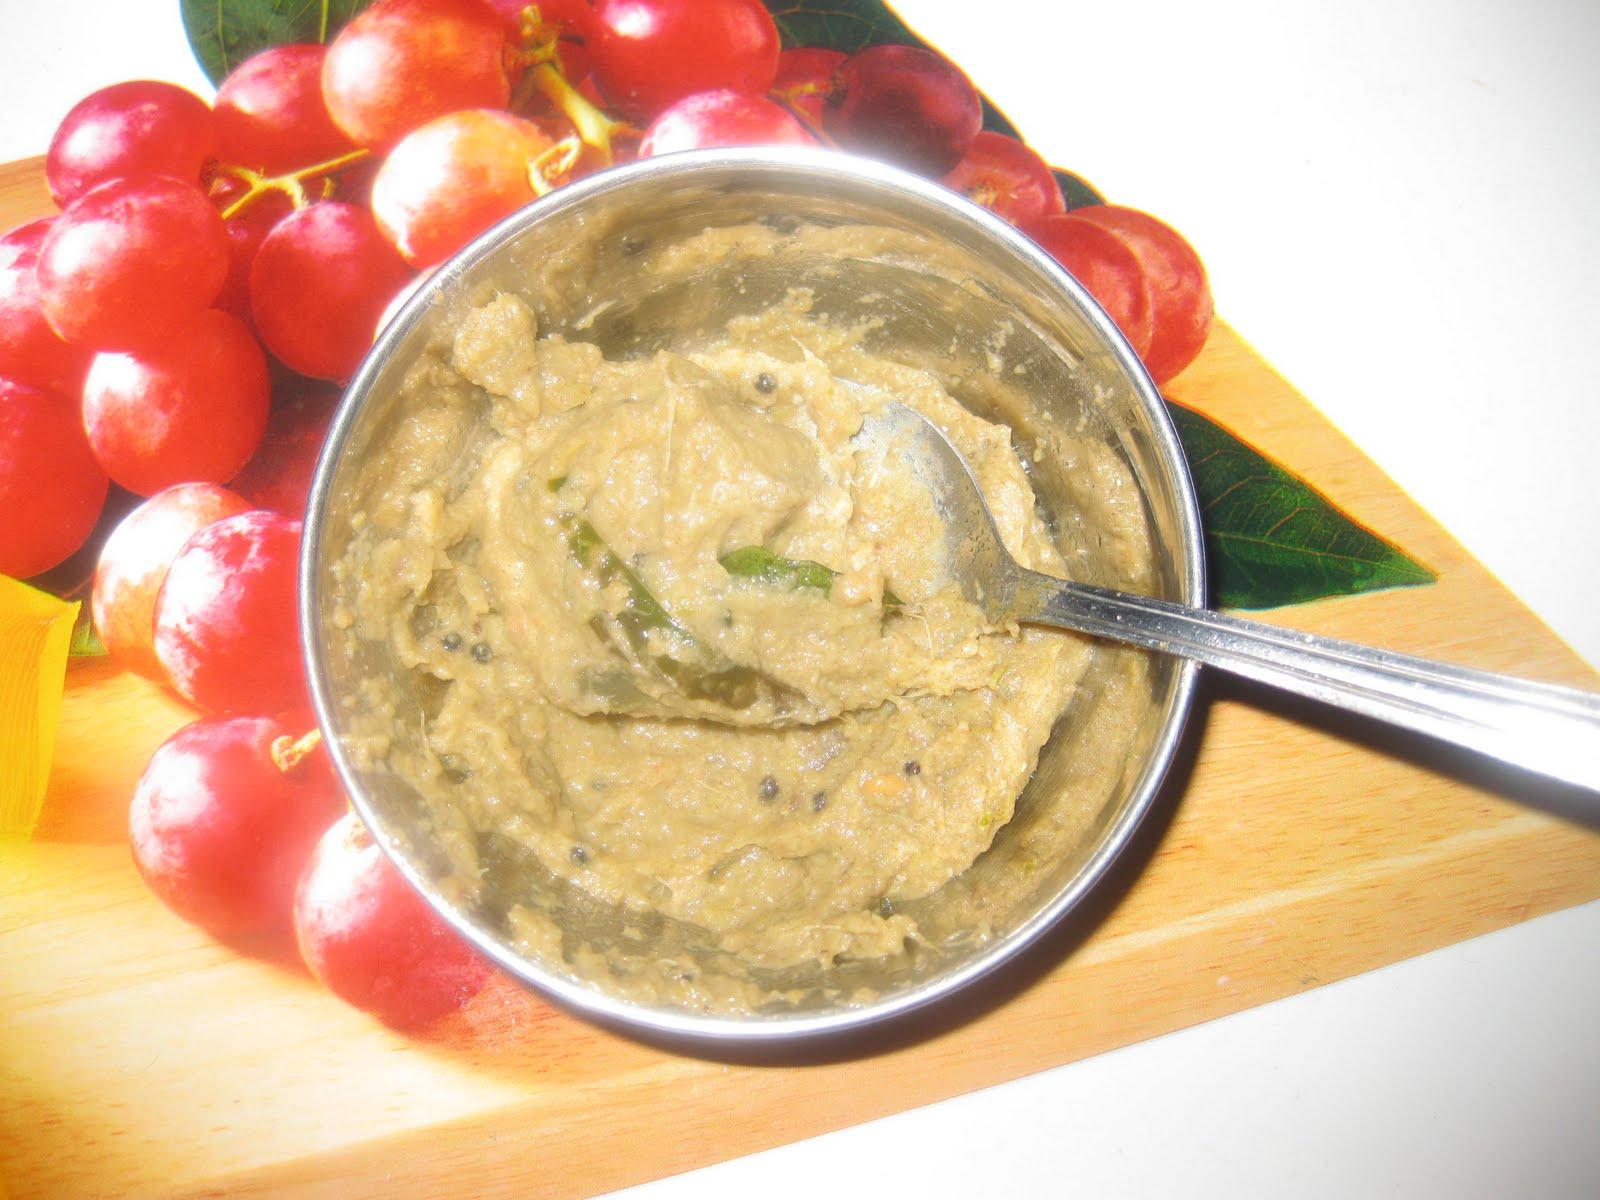 Banana chutney recipe raw banana curd chutney recipe pachadi recipe